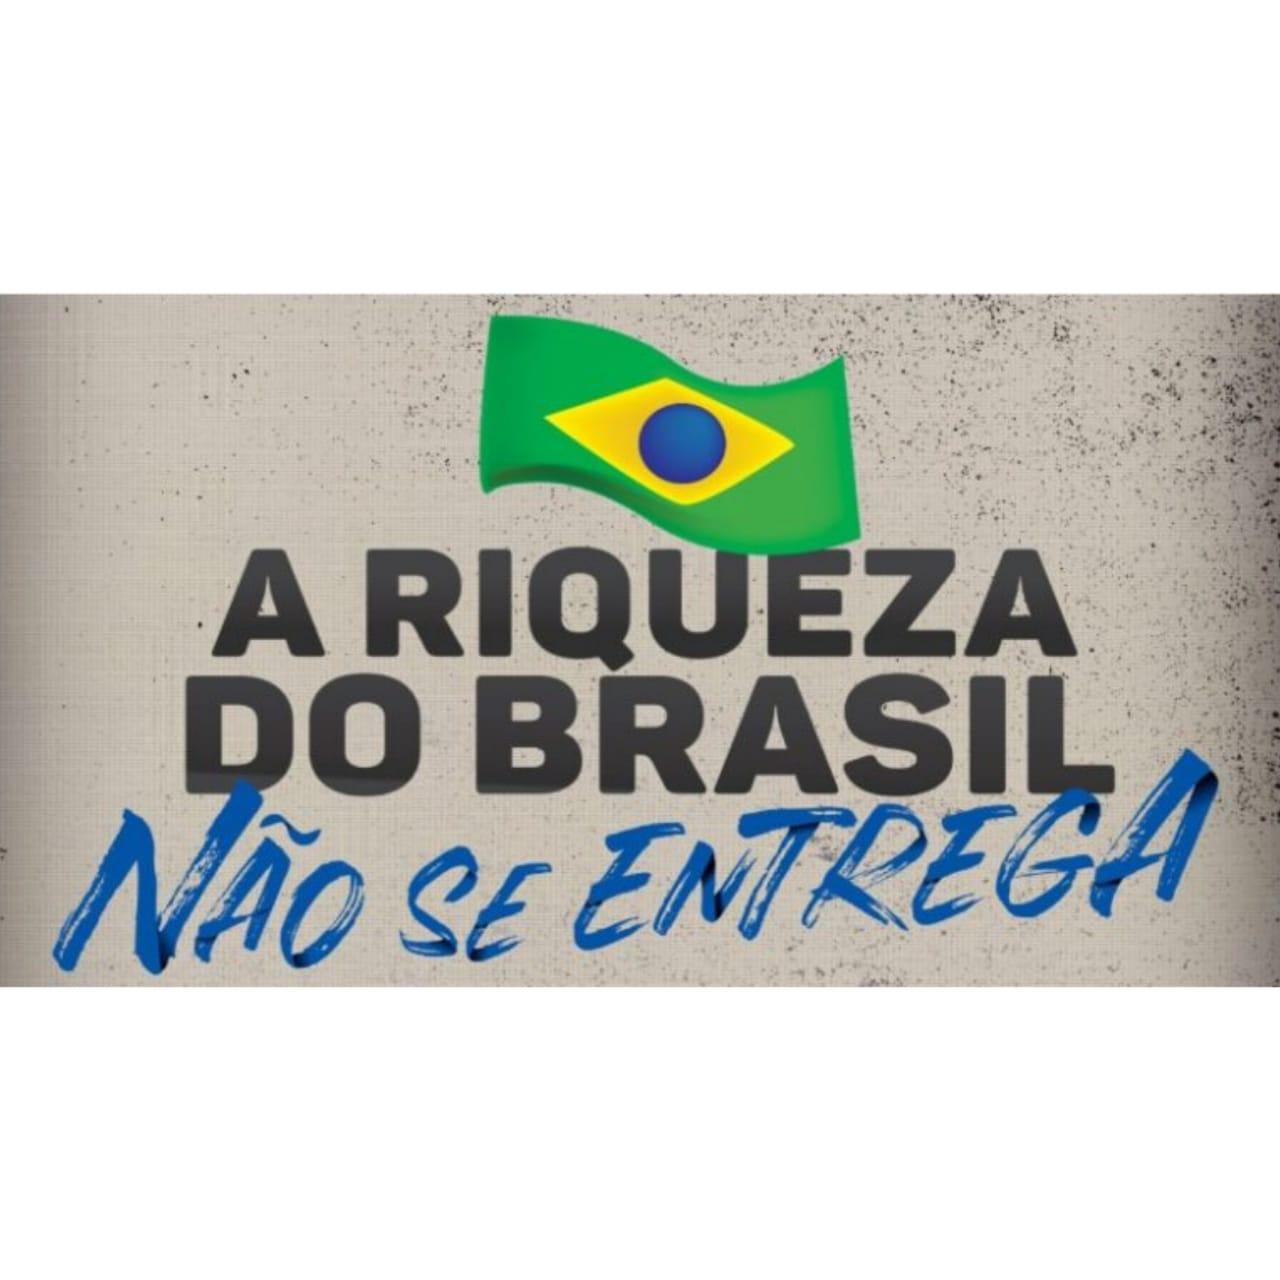 A riqueza do Brasil não se entrega